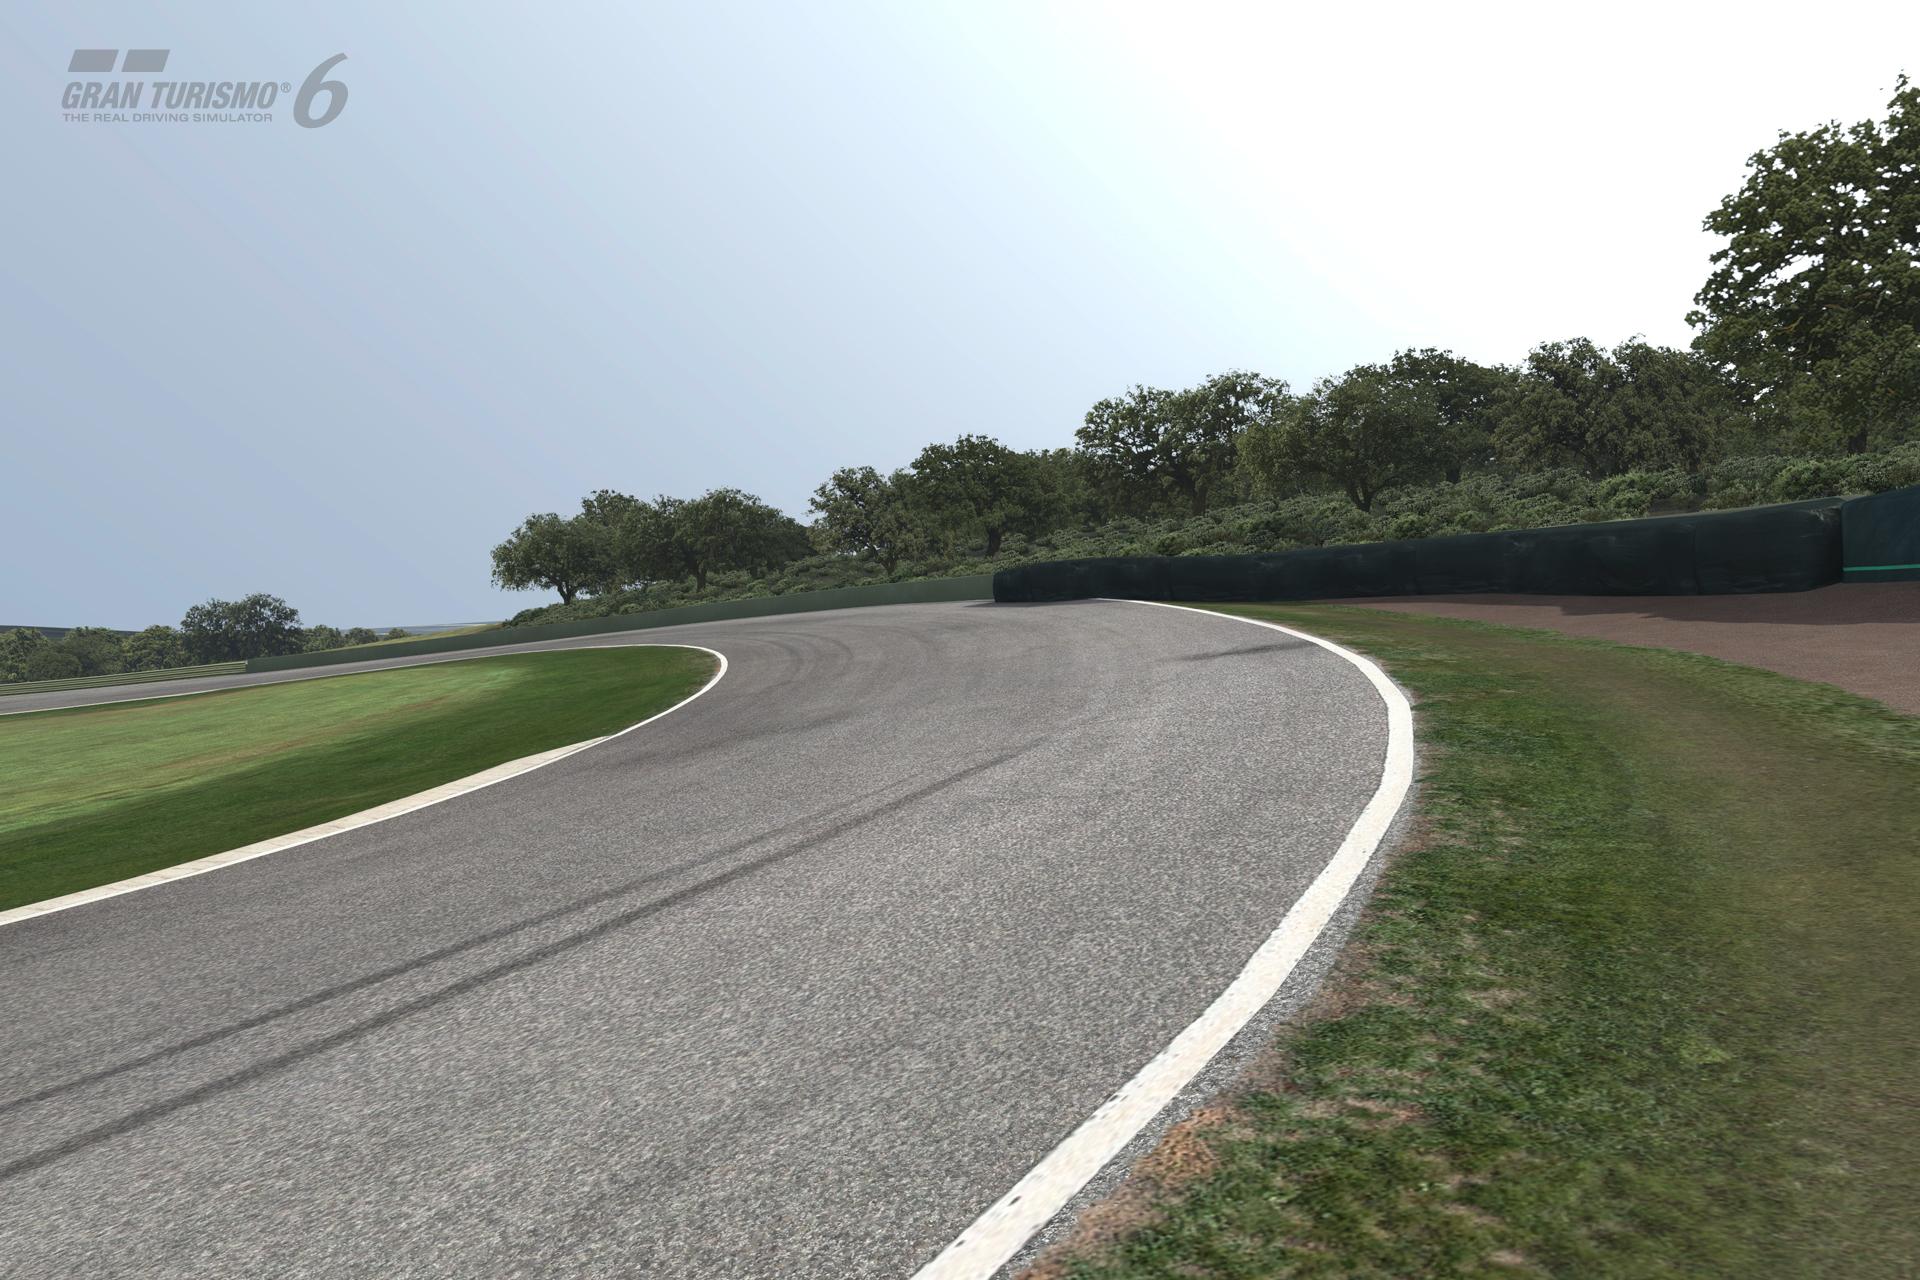 Foto de Comparativa Ronda y Ascari en Gran Turismo 6 (1/26)